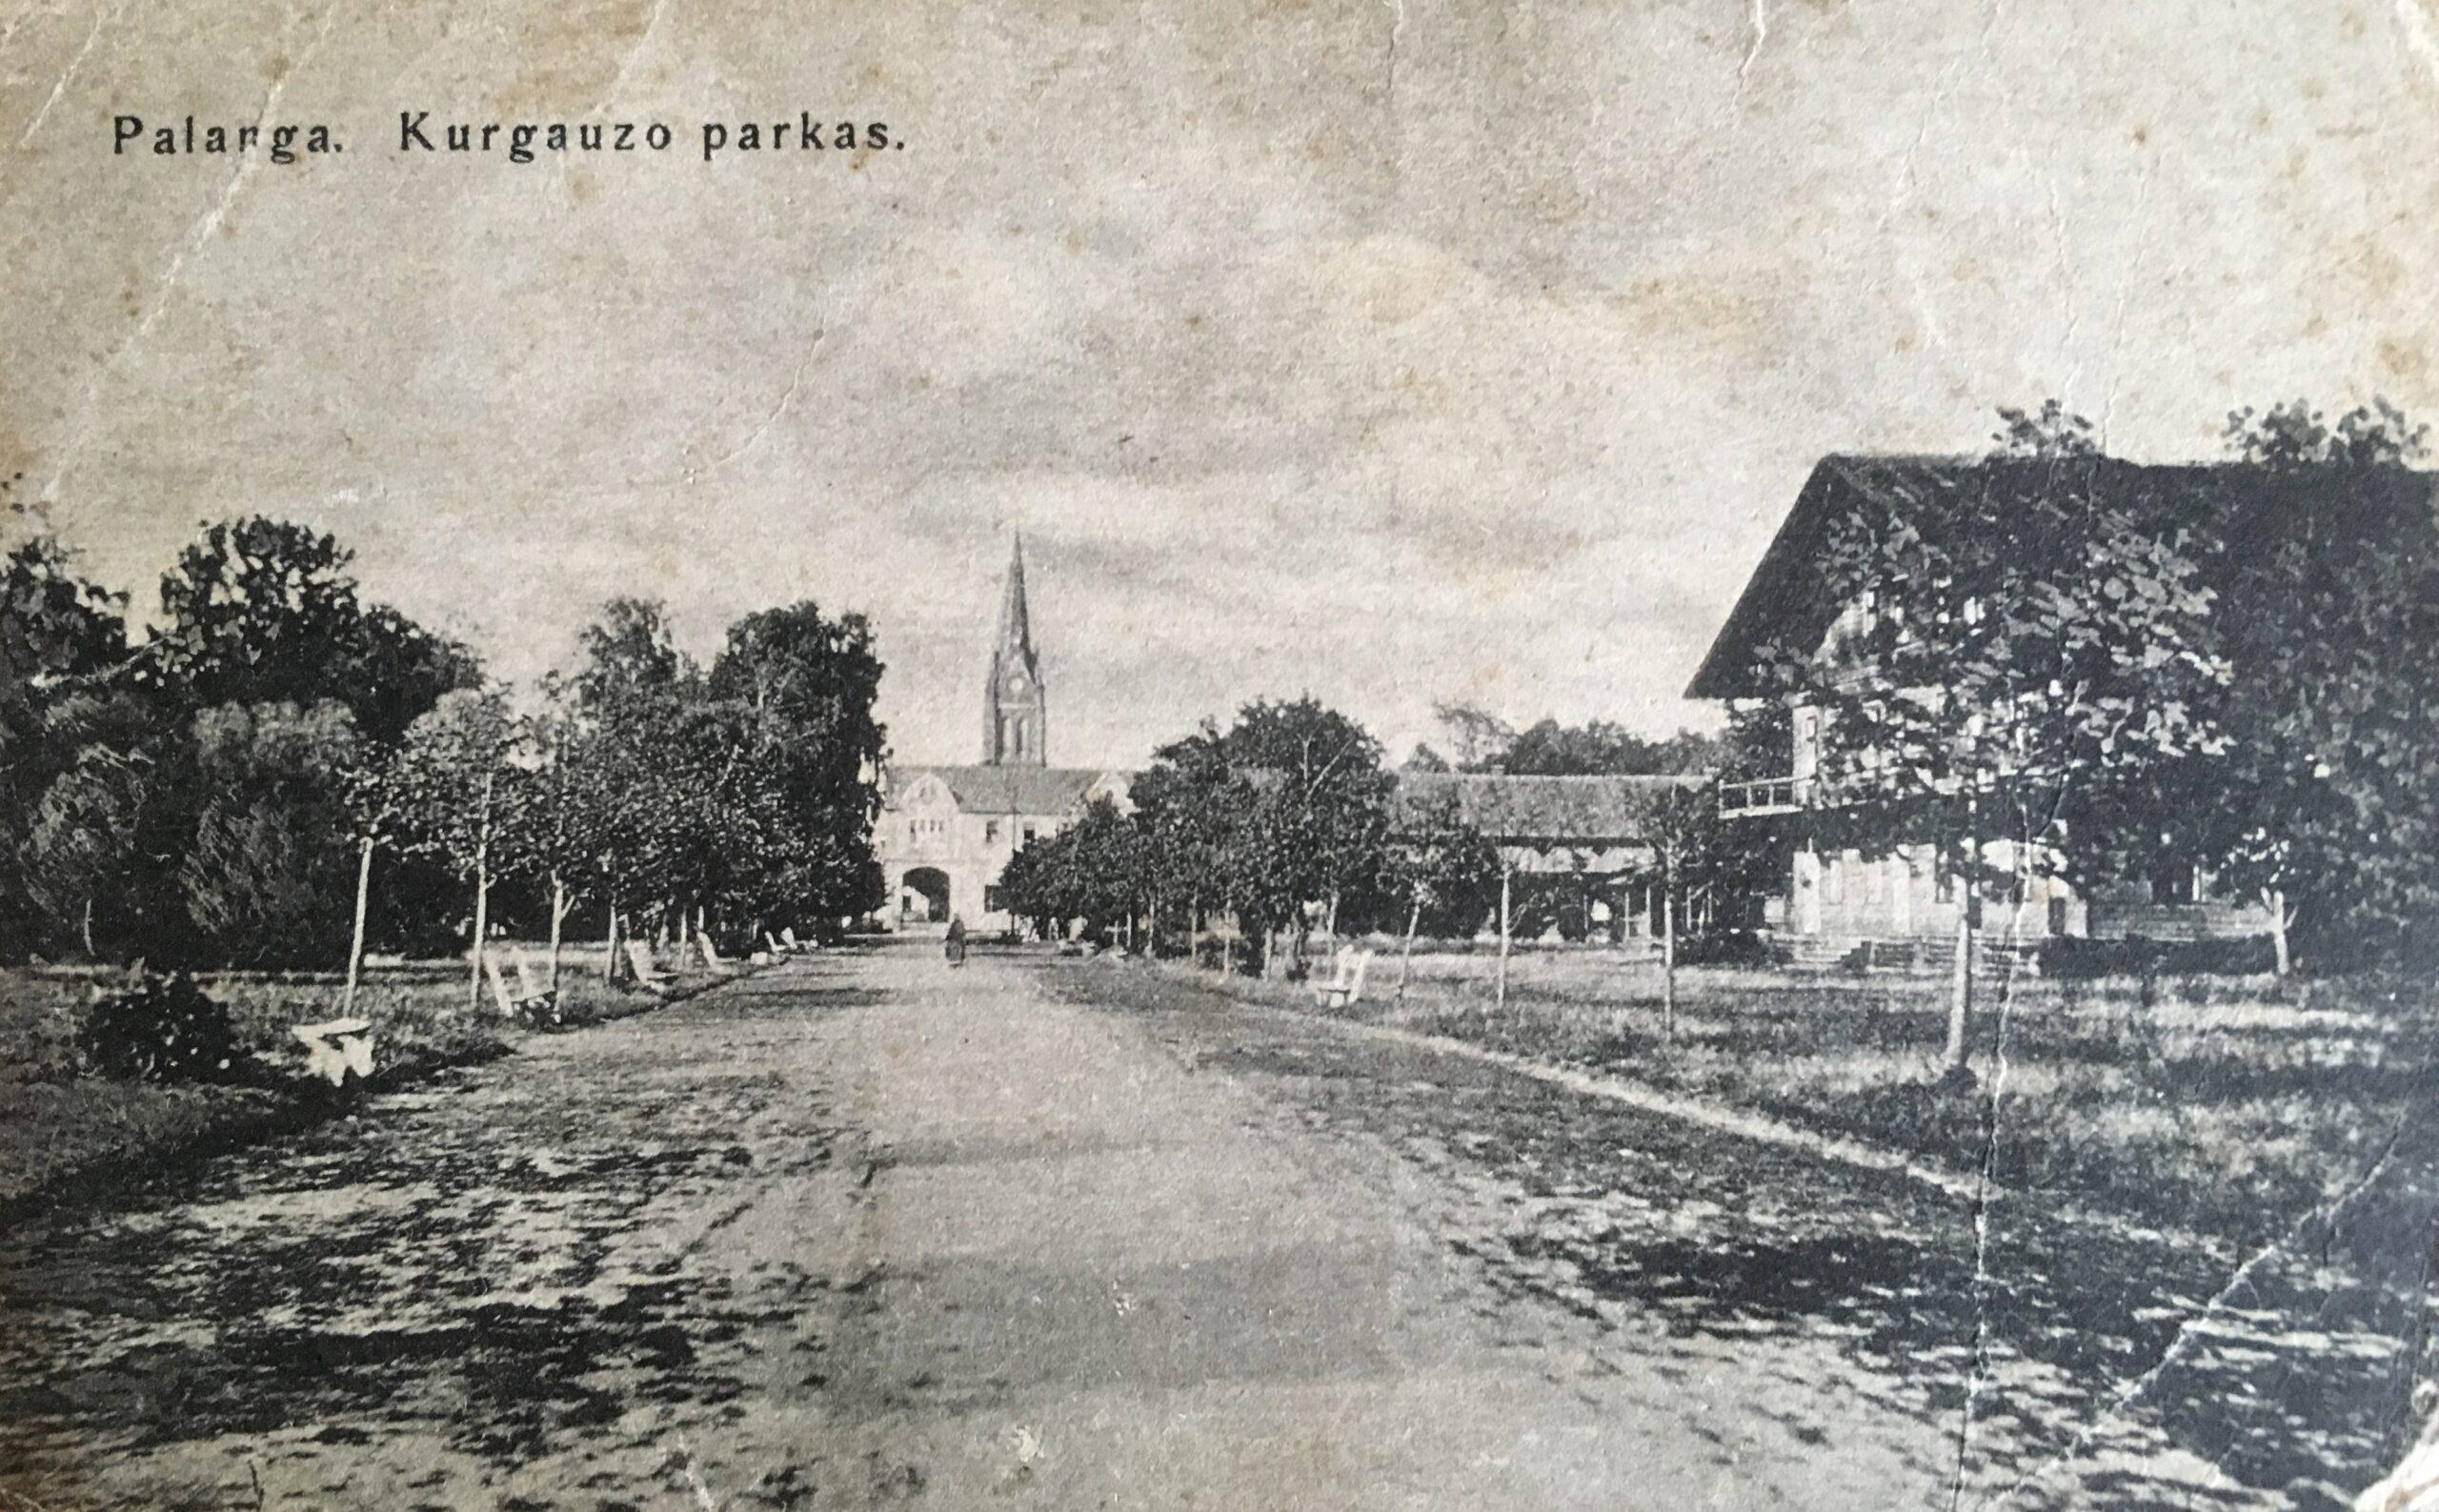 Palangos kurhauzo parkas XX a. pradžioje. Onos Vitkauskytės knygyno išleistas atvirukas